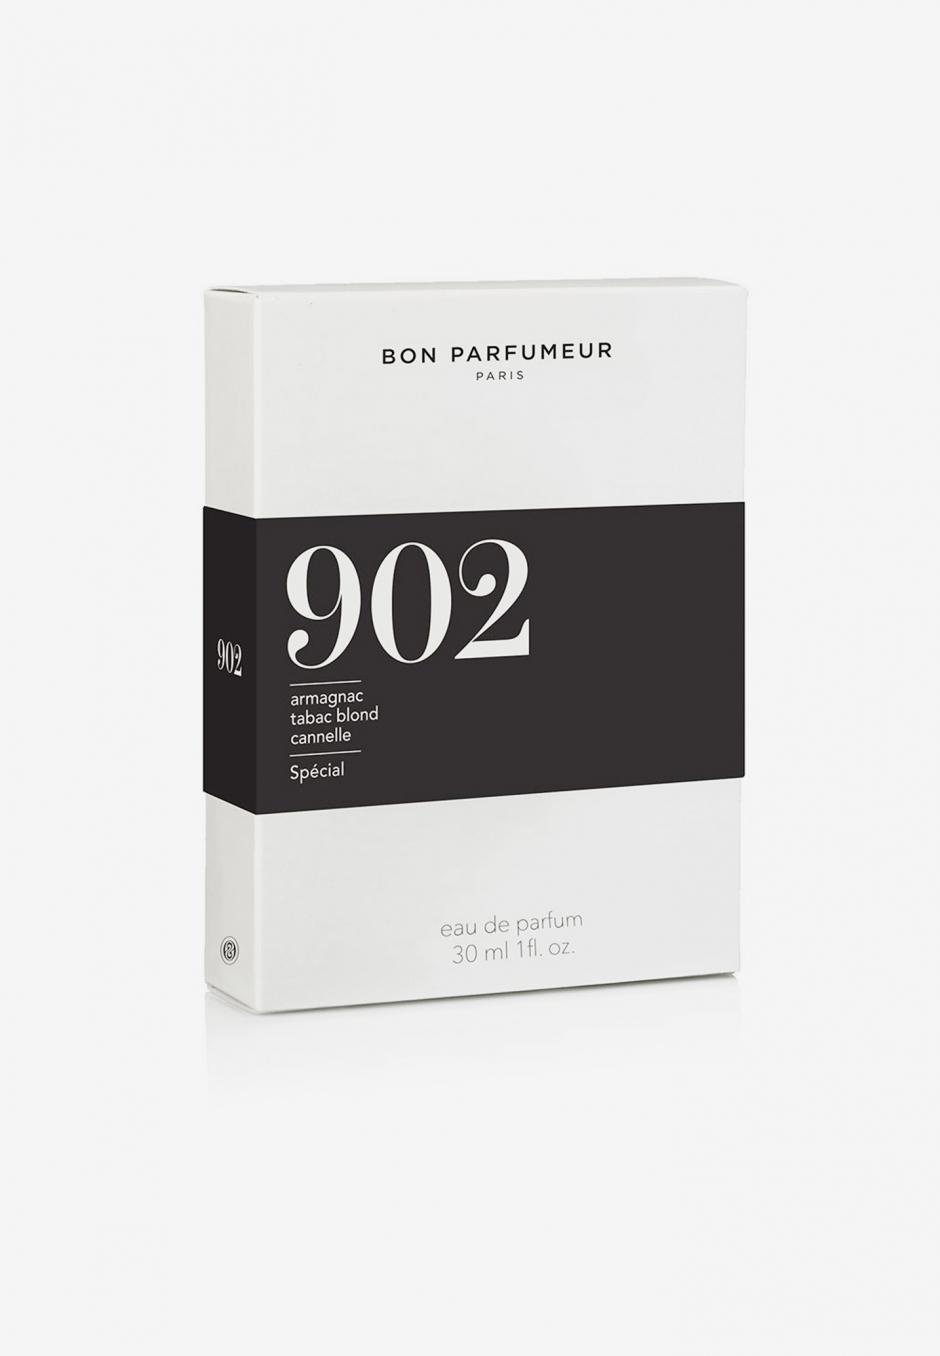 Bon Parfumeur EdP 902: armagnac/blond tobacco/cinnamon 30ml